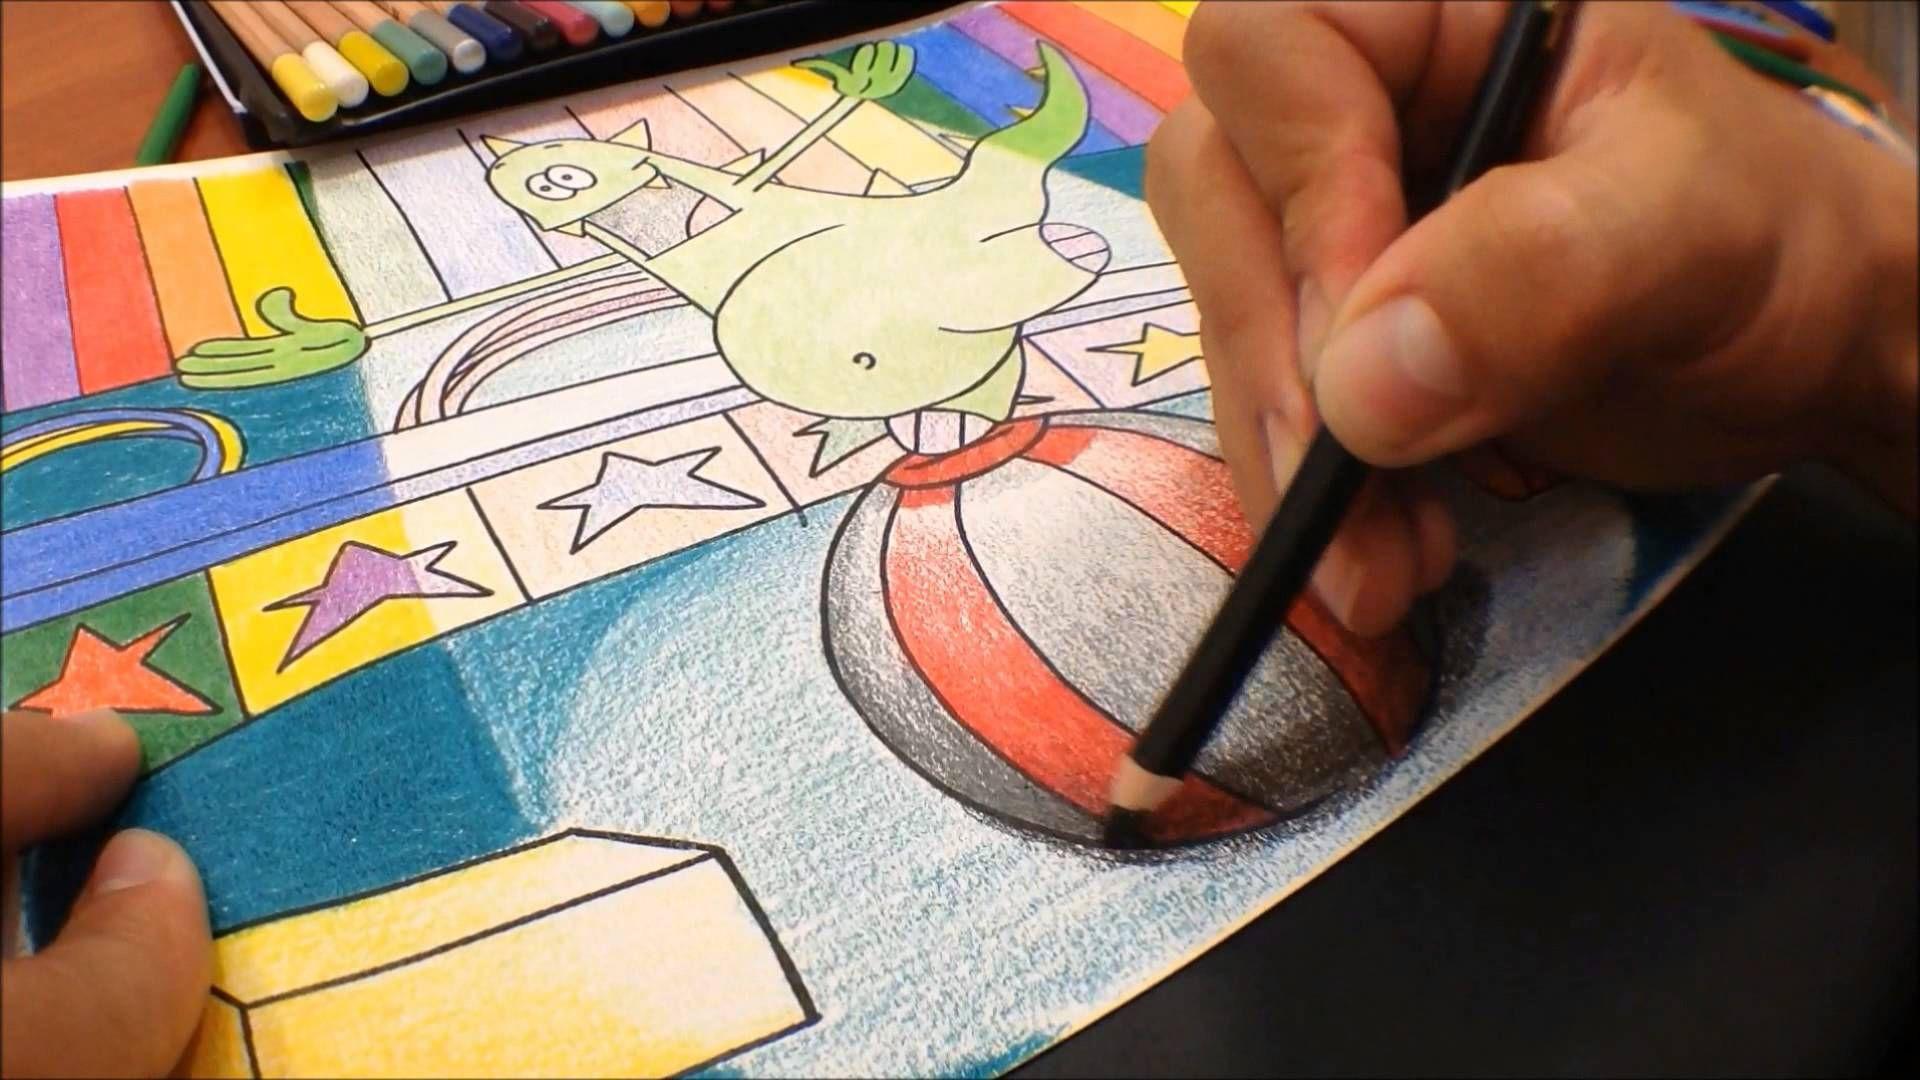 Tecnica De Dibujo Y Coloreado Volumen Luz Y Sombra Tecnicas De Coloreado Luz Y Sombra Como Pintar Dibujos